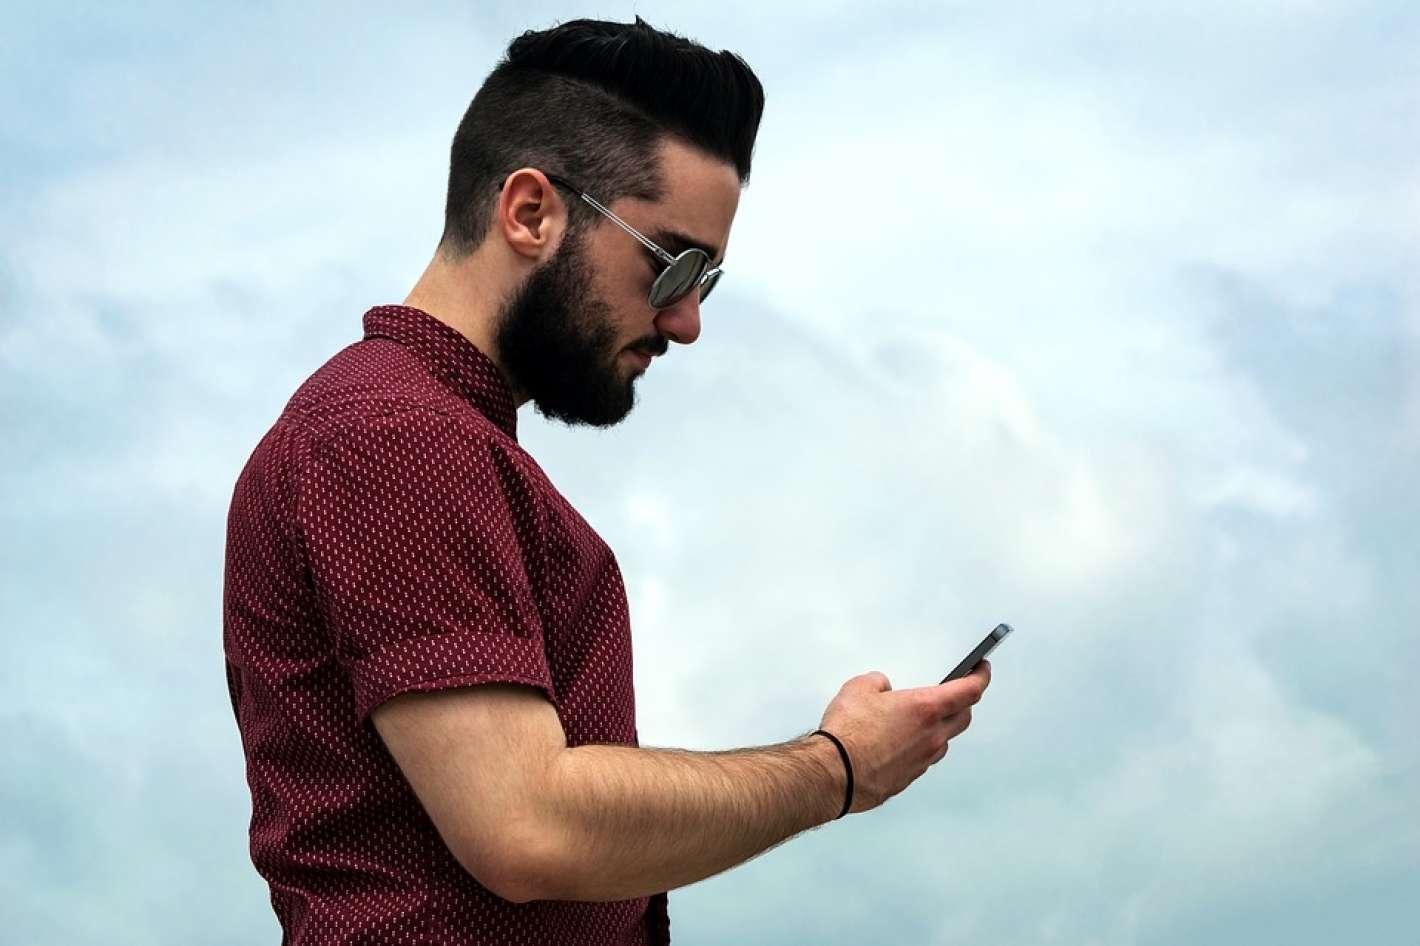 Amigos Porno Hombres por qué los hombres mandan más pornografía por whatsapp